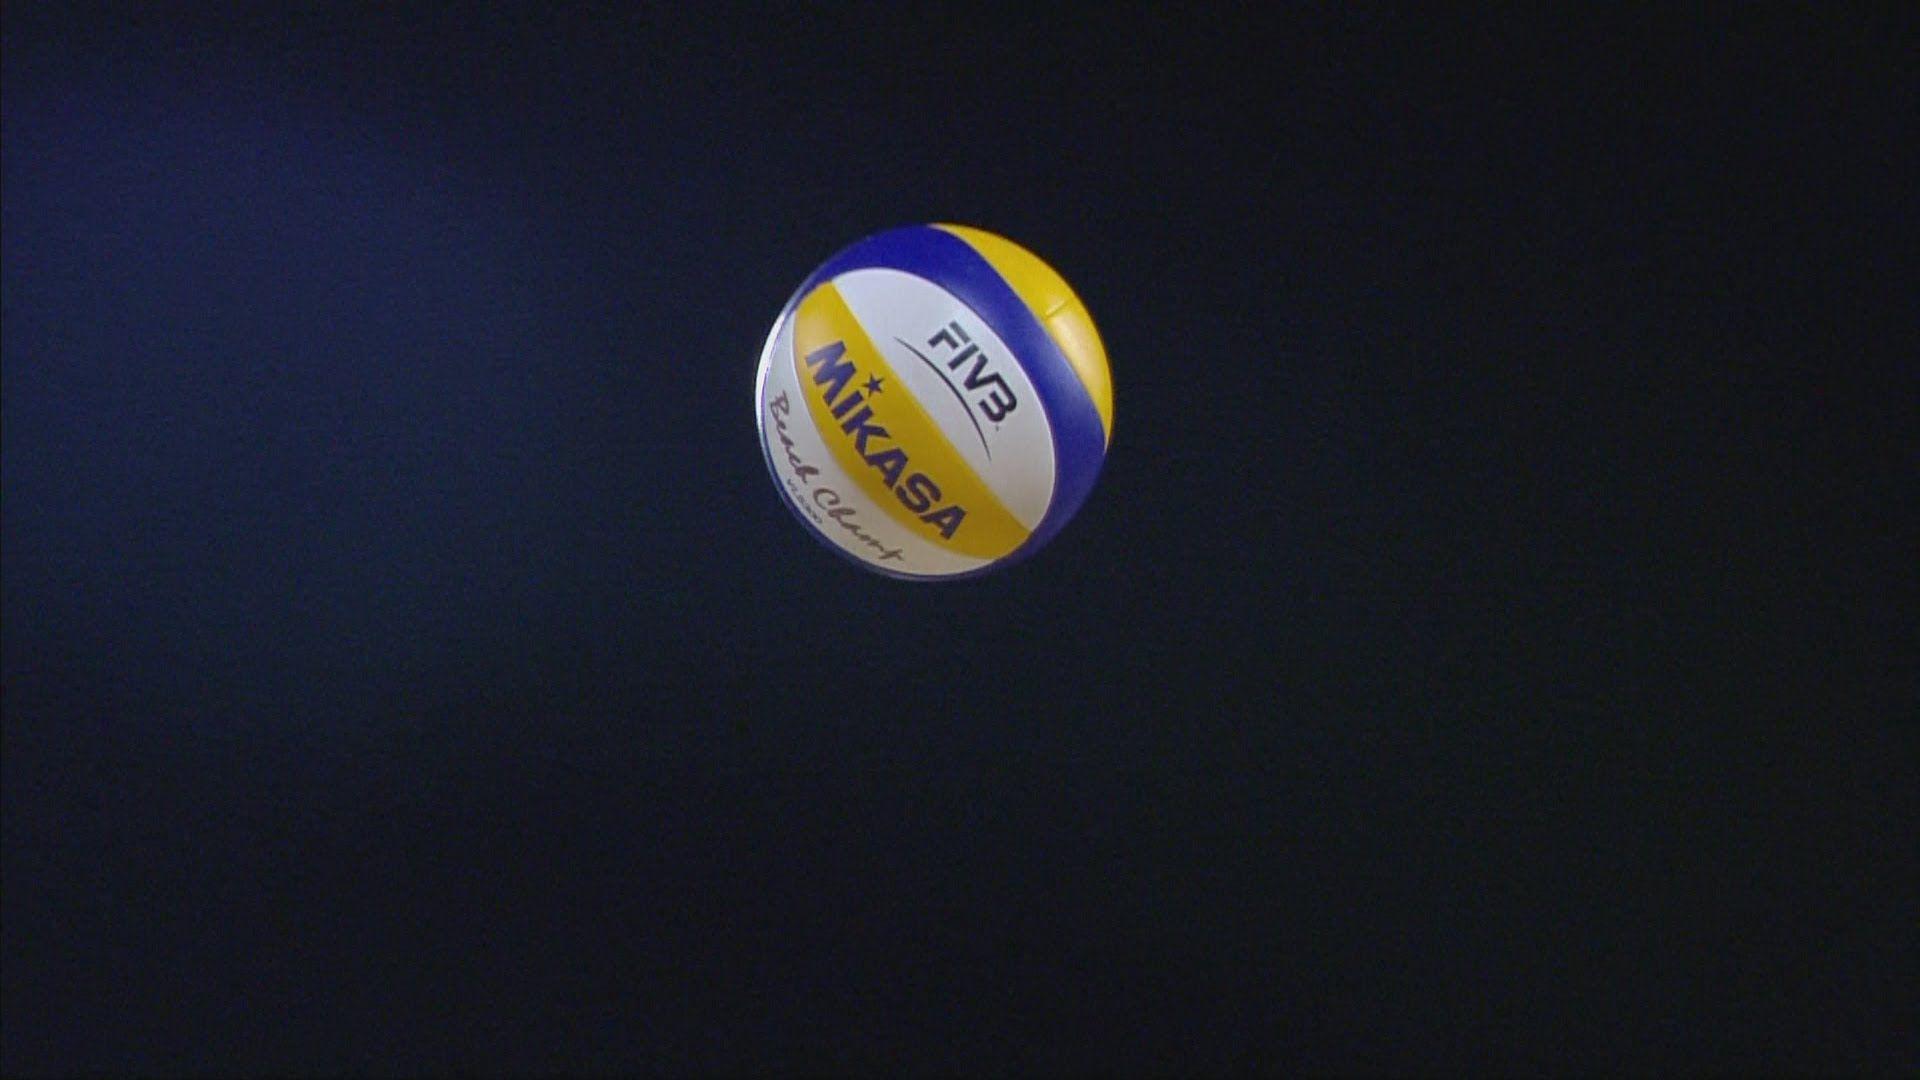 Volleyball M Influence Avec La Santee Parce Que Il Aide Avec Mon Athletisme Pour Les Travailles Volleyball Wallpaper Volleyball Drawing Volleyball Backgrounds